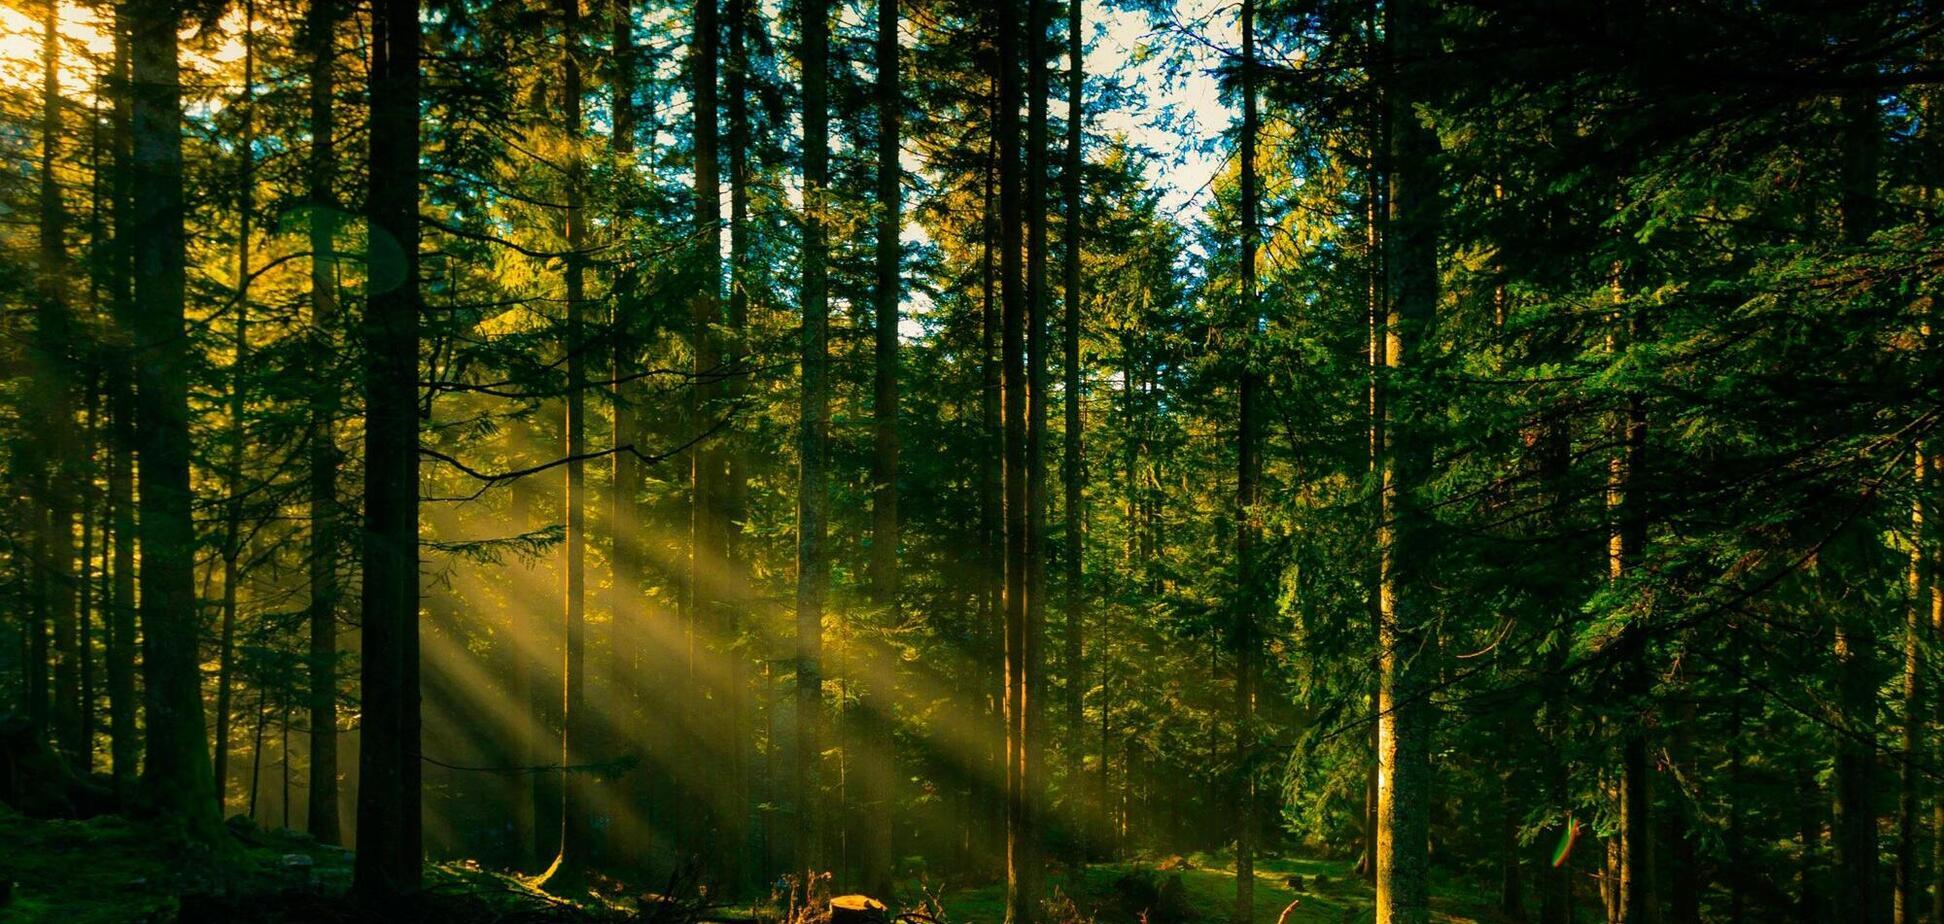 Нелегальний лісовий бізнес становить 40-45% від офіційного